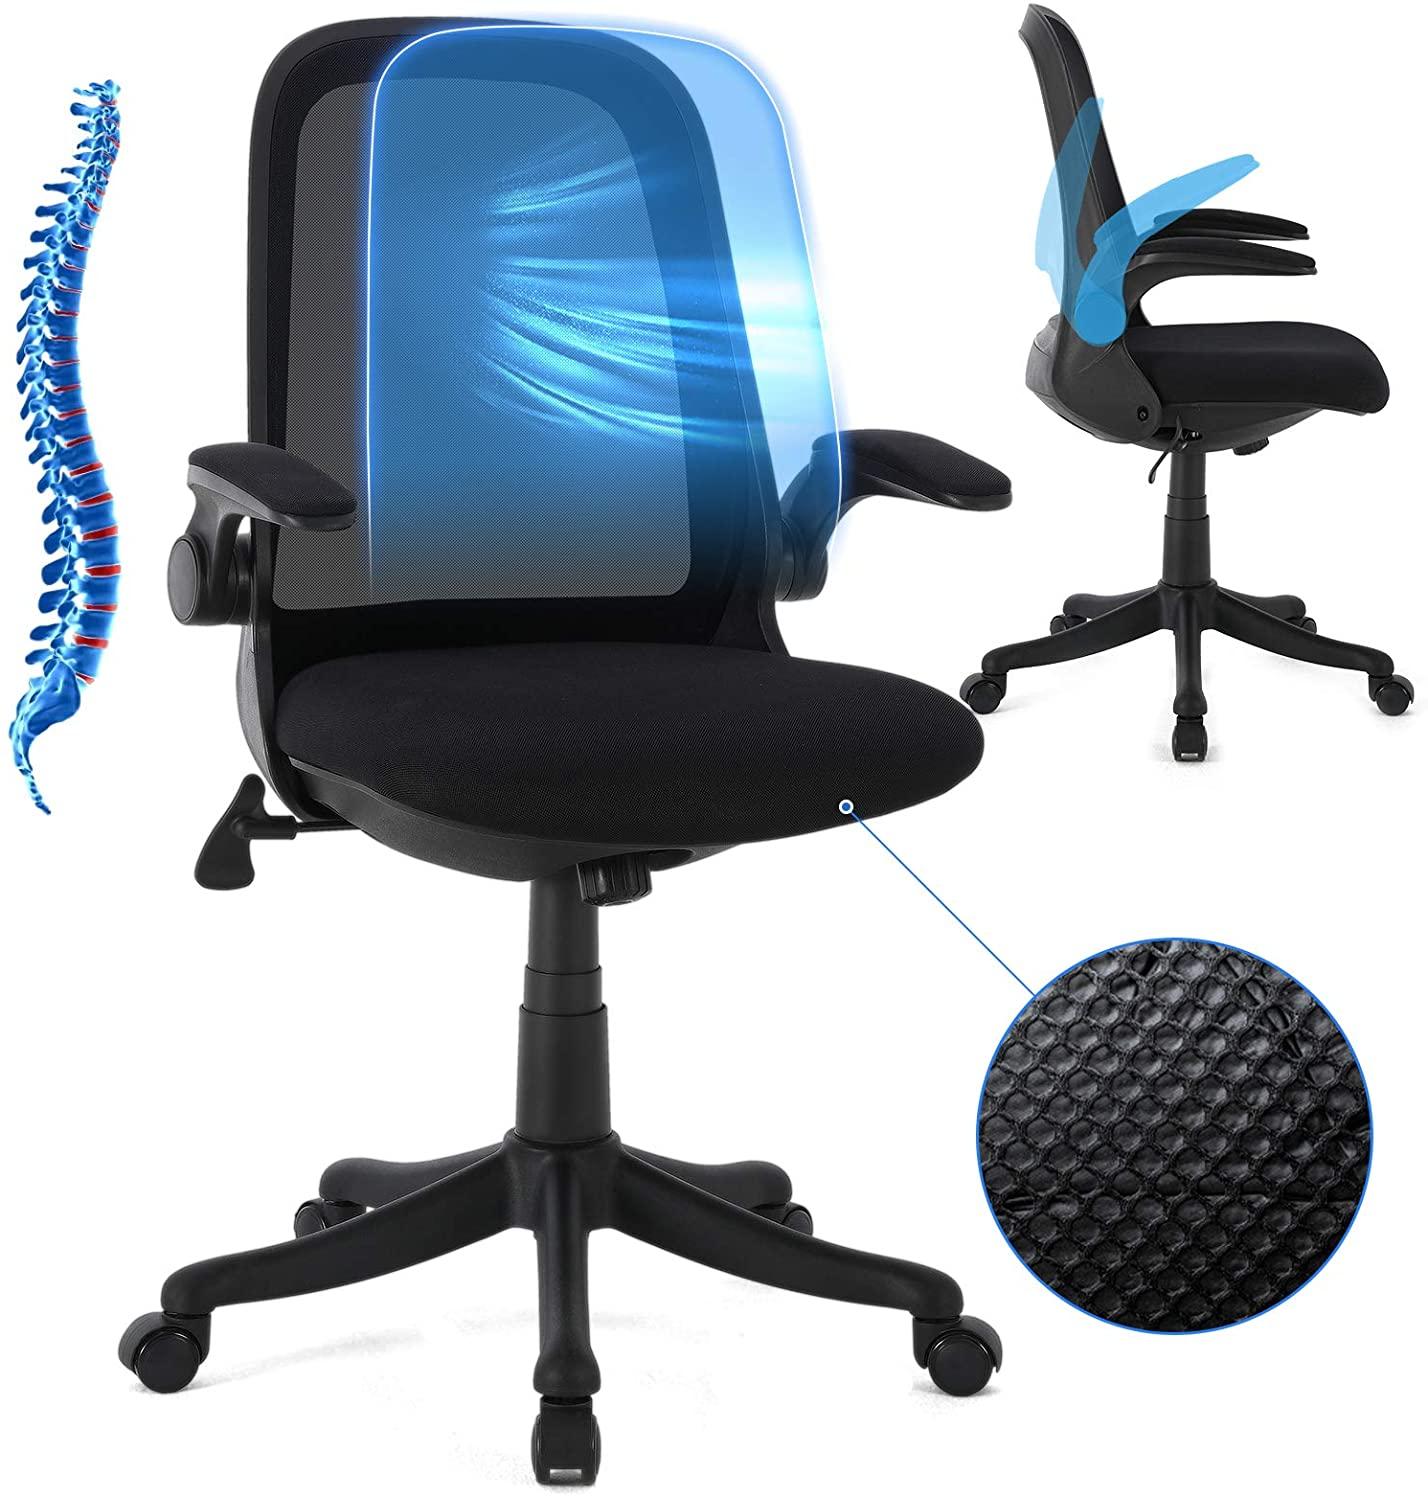 Silla de oficina con respaldo transpirable